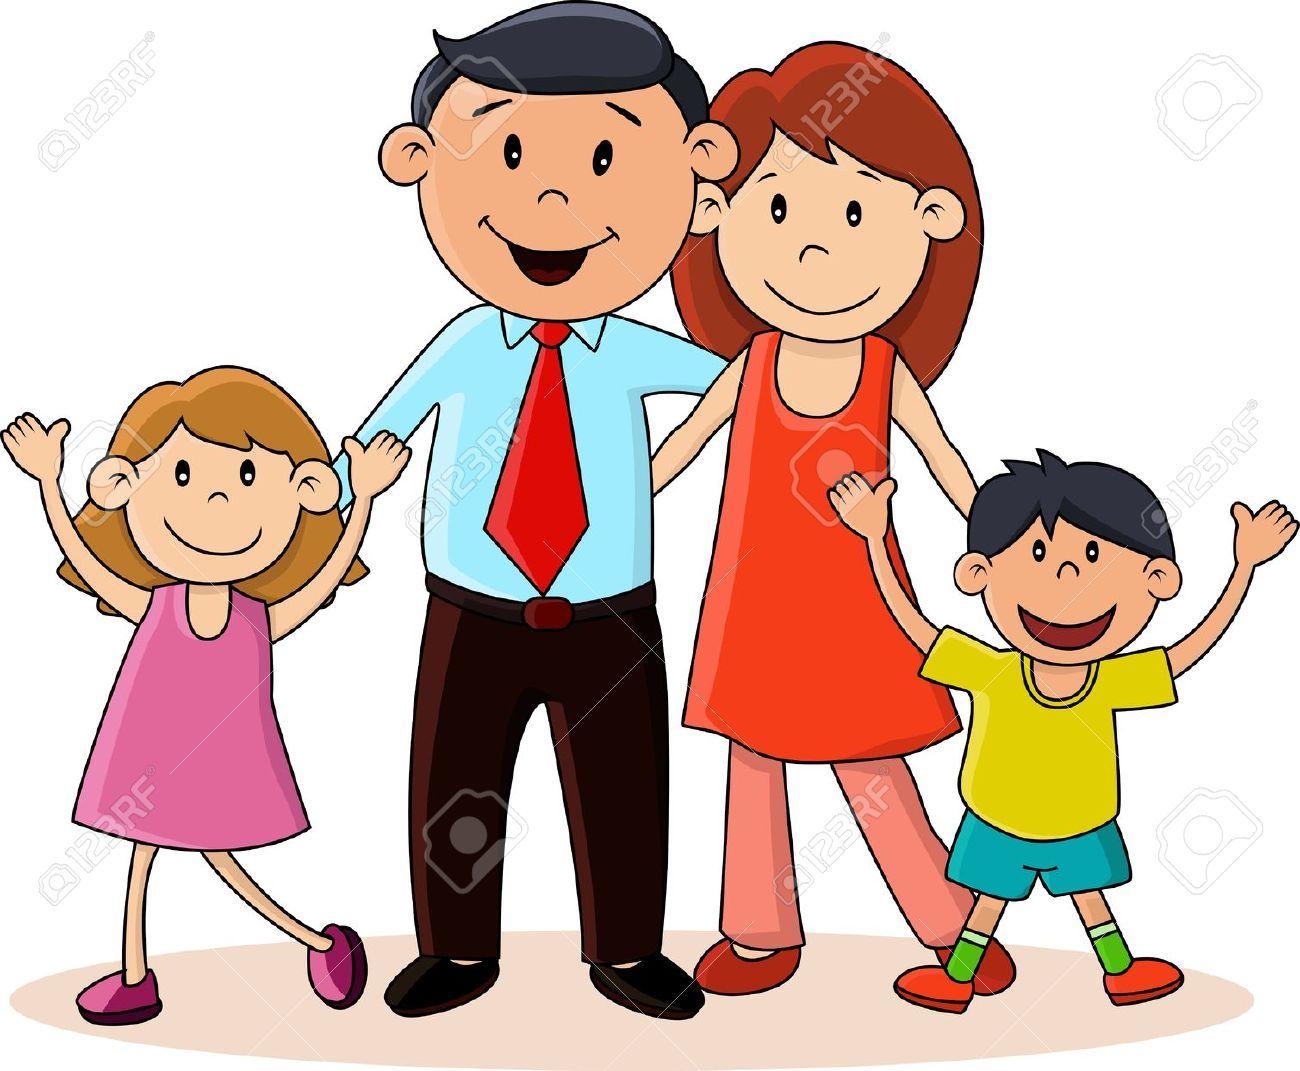 Feliz Personas Exitosas En Caricaturas: Resultado De Imagen Para Imagenes Infantiles De Familias